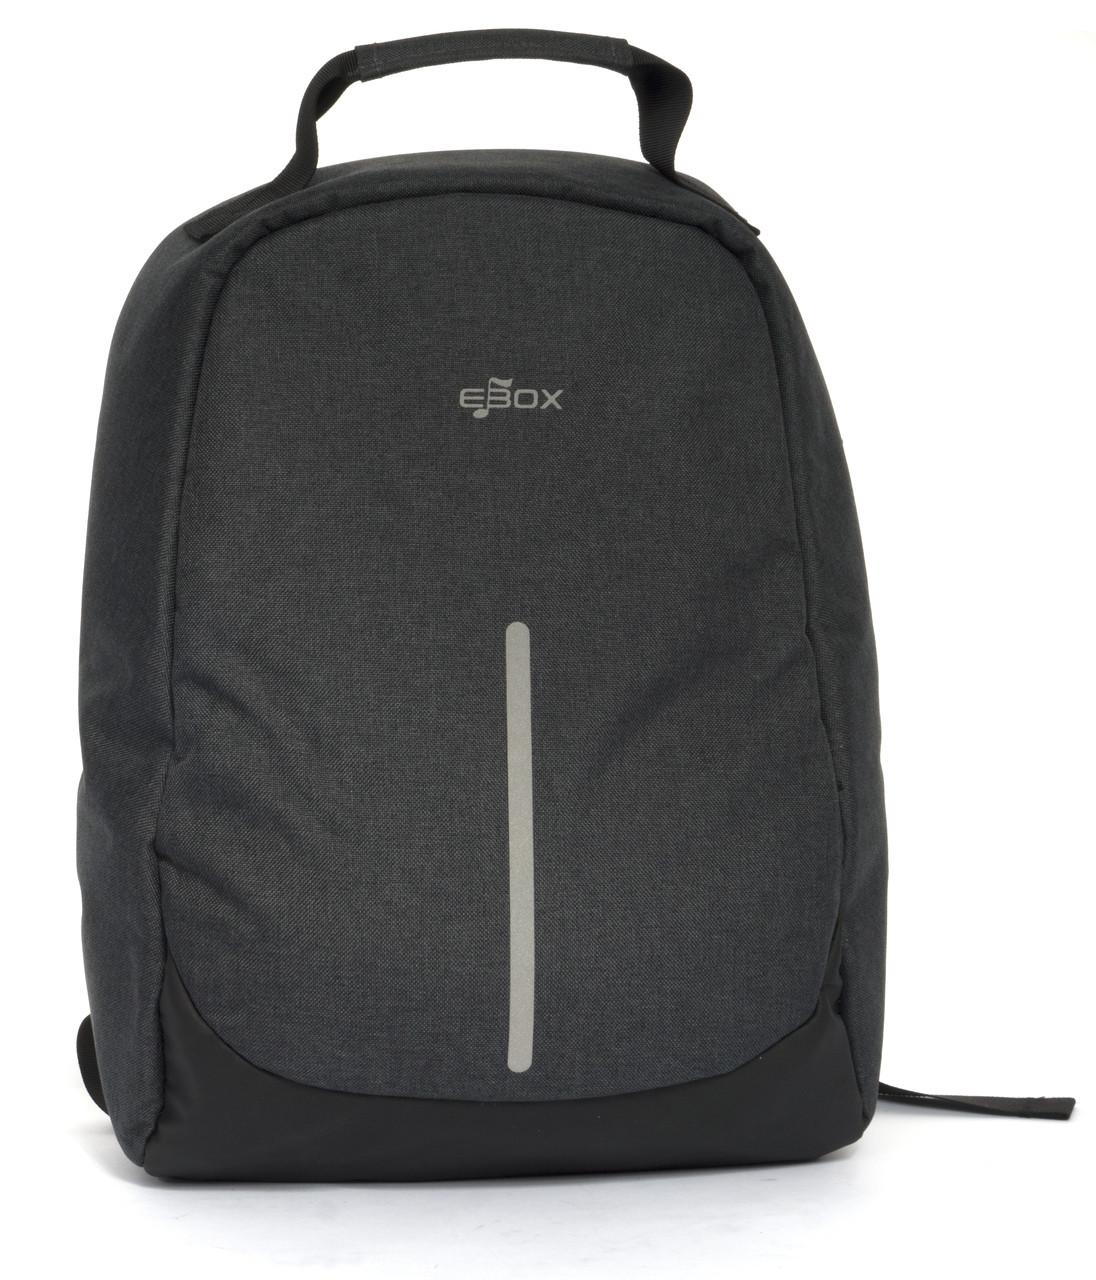 Удобный прочный и надежный городской рюкзак для гаджетов с плотной ткани и хорошей защитой EBox art. 65615 сер